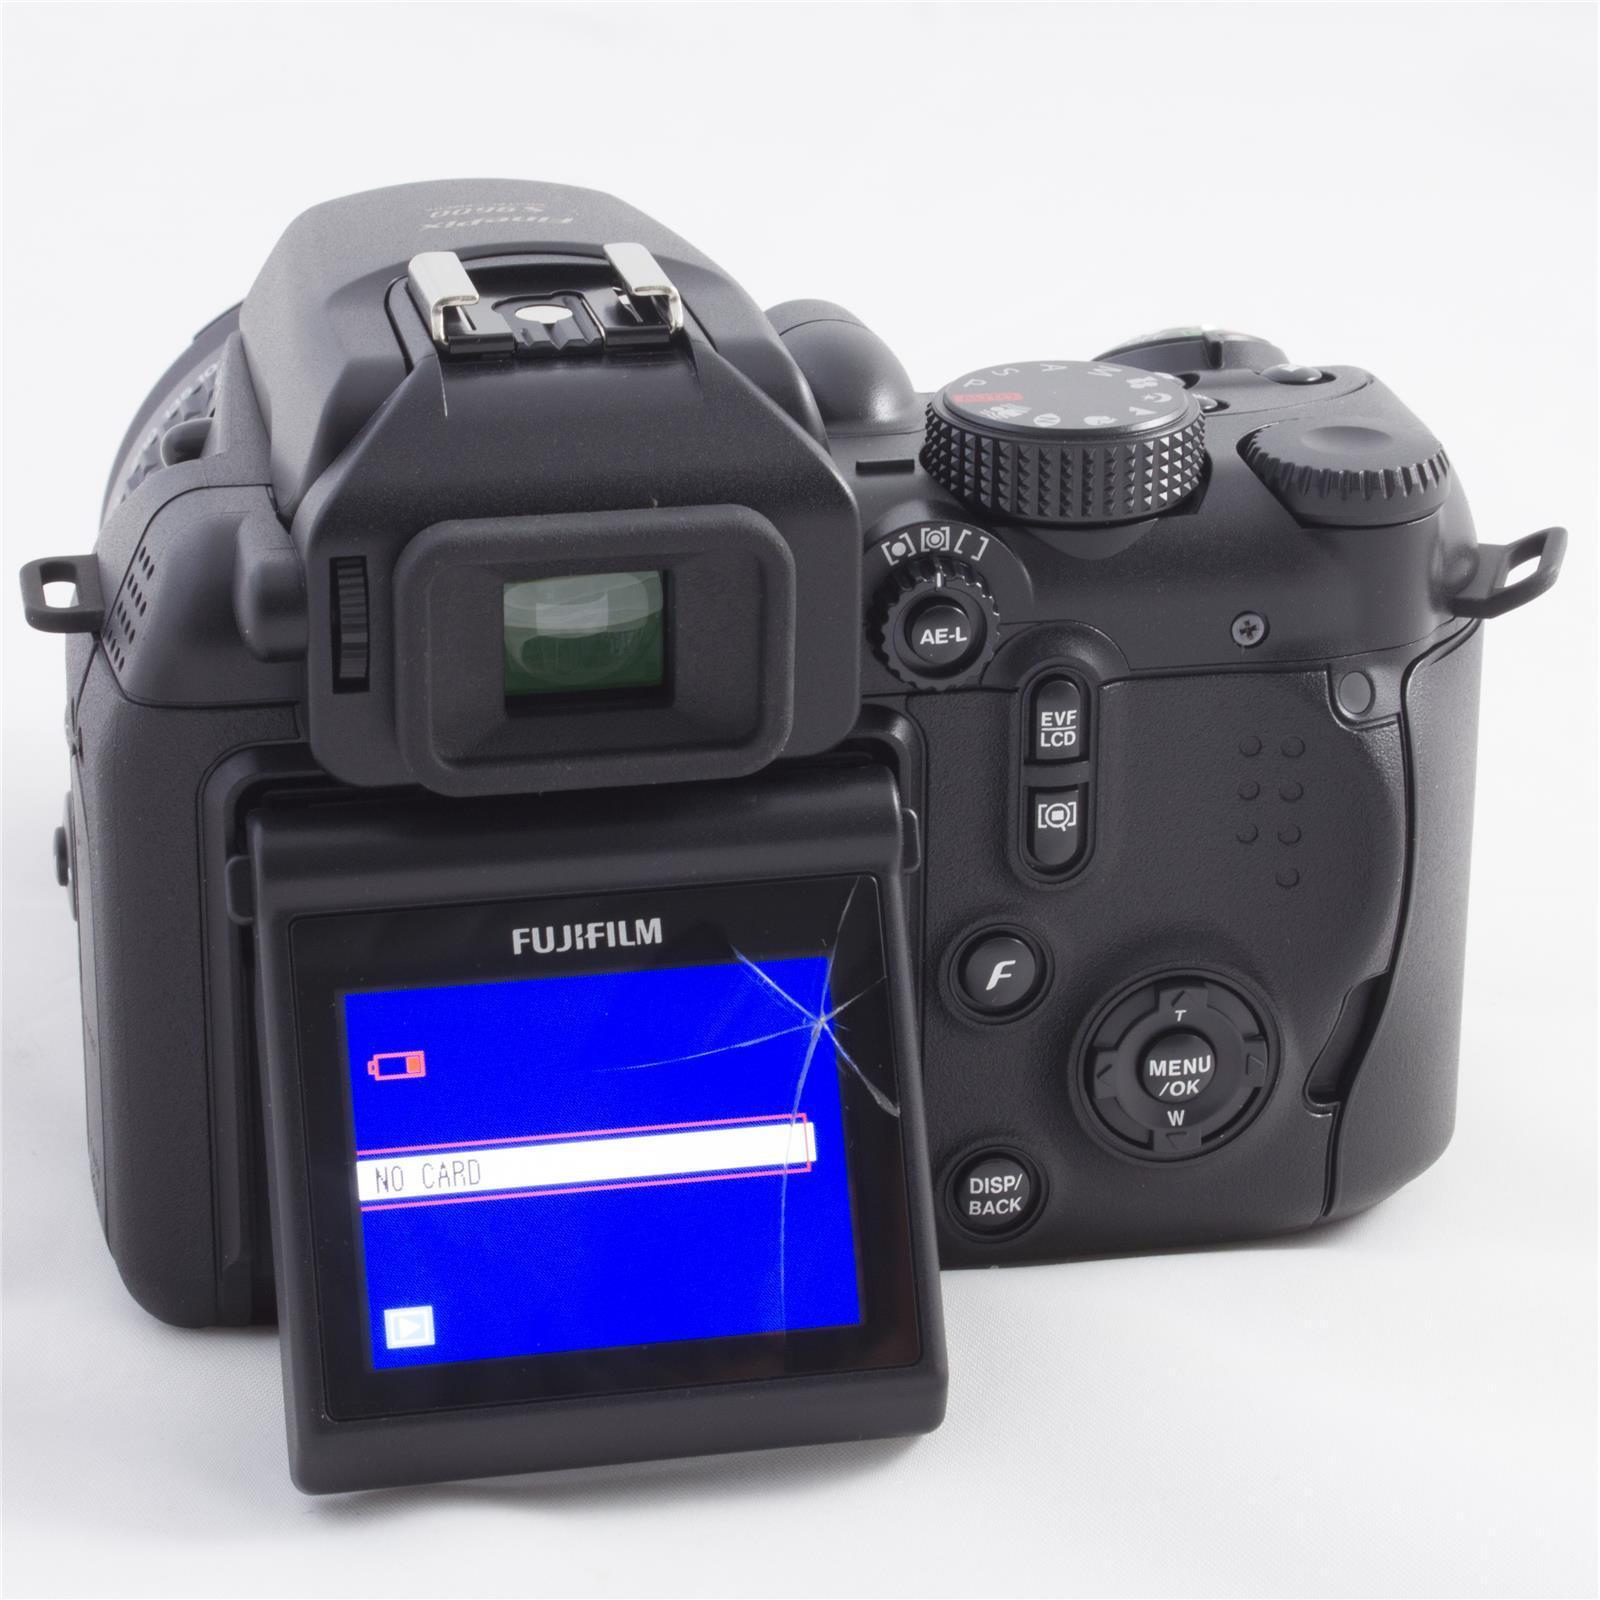 Fujifilm - FinePix S9600 9 MP